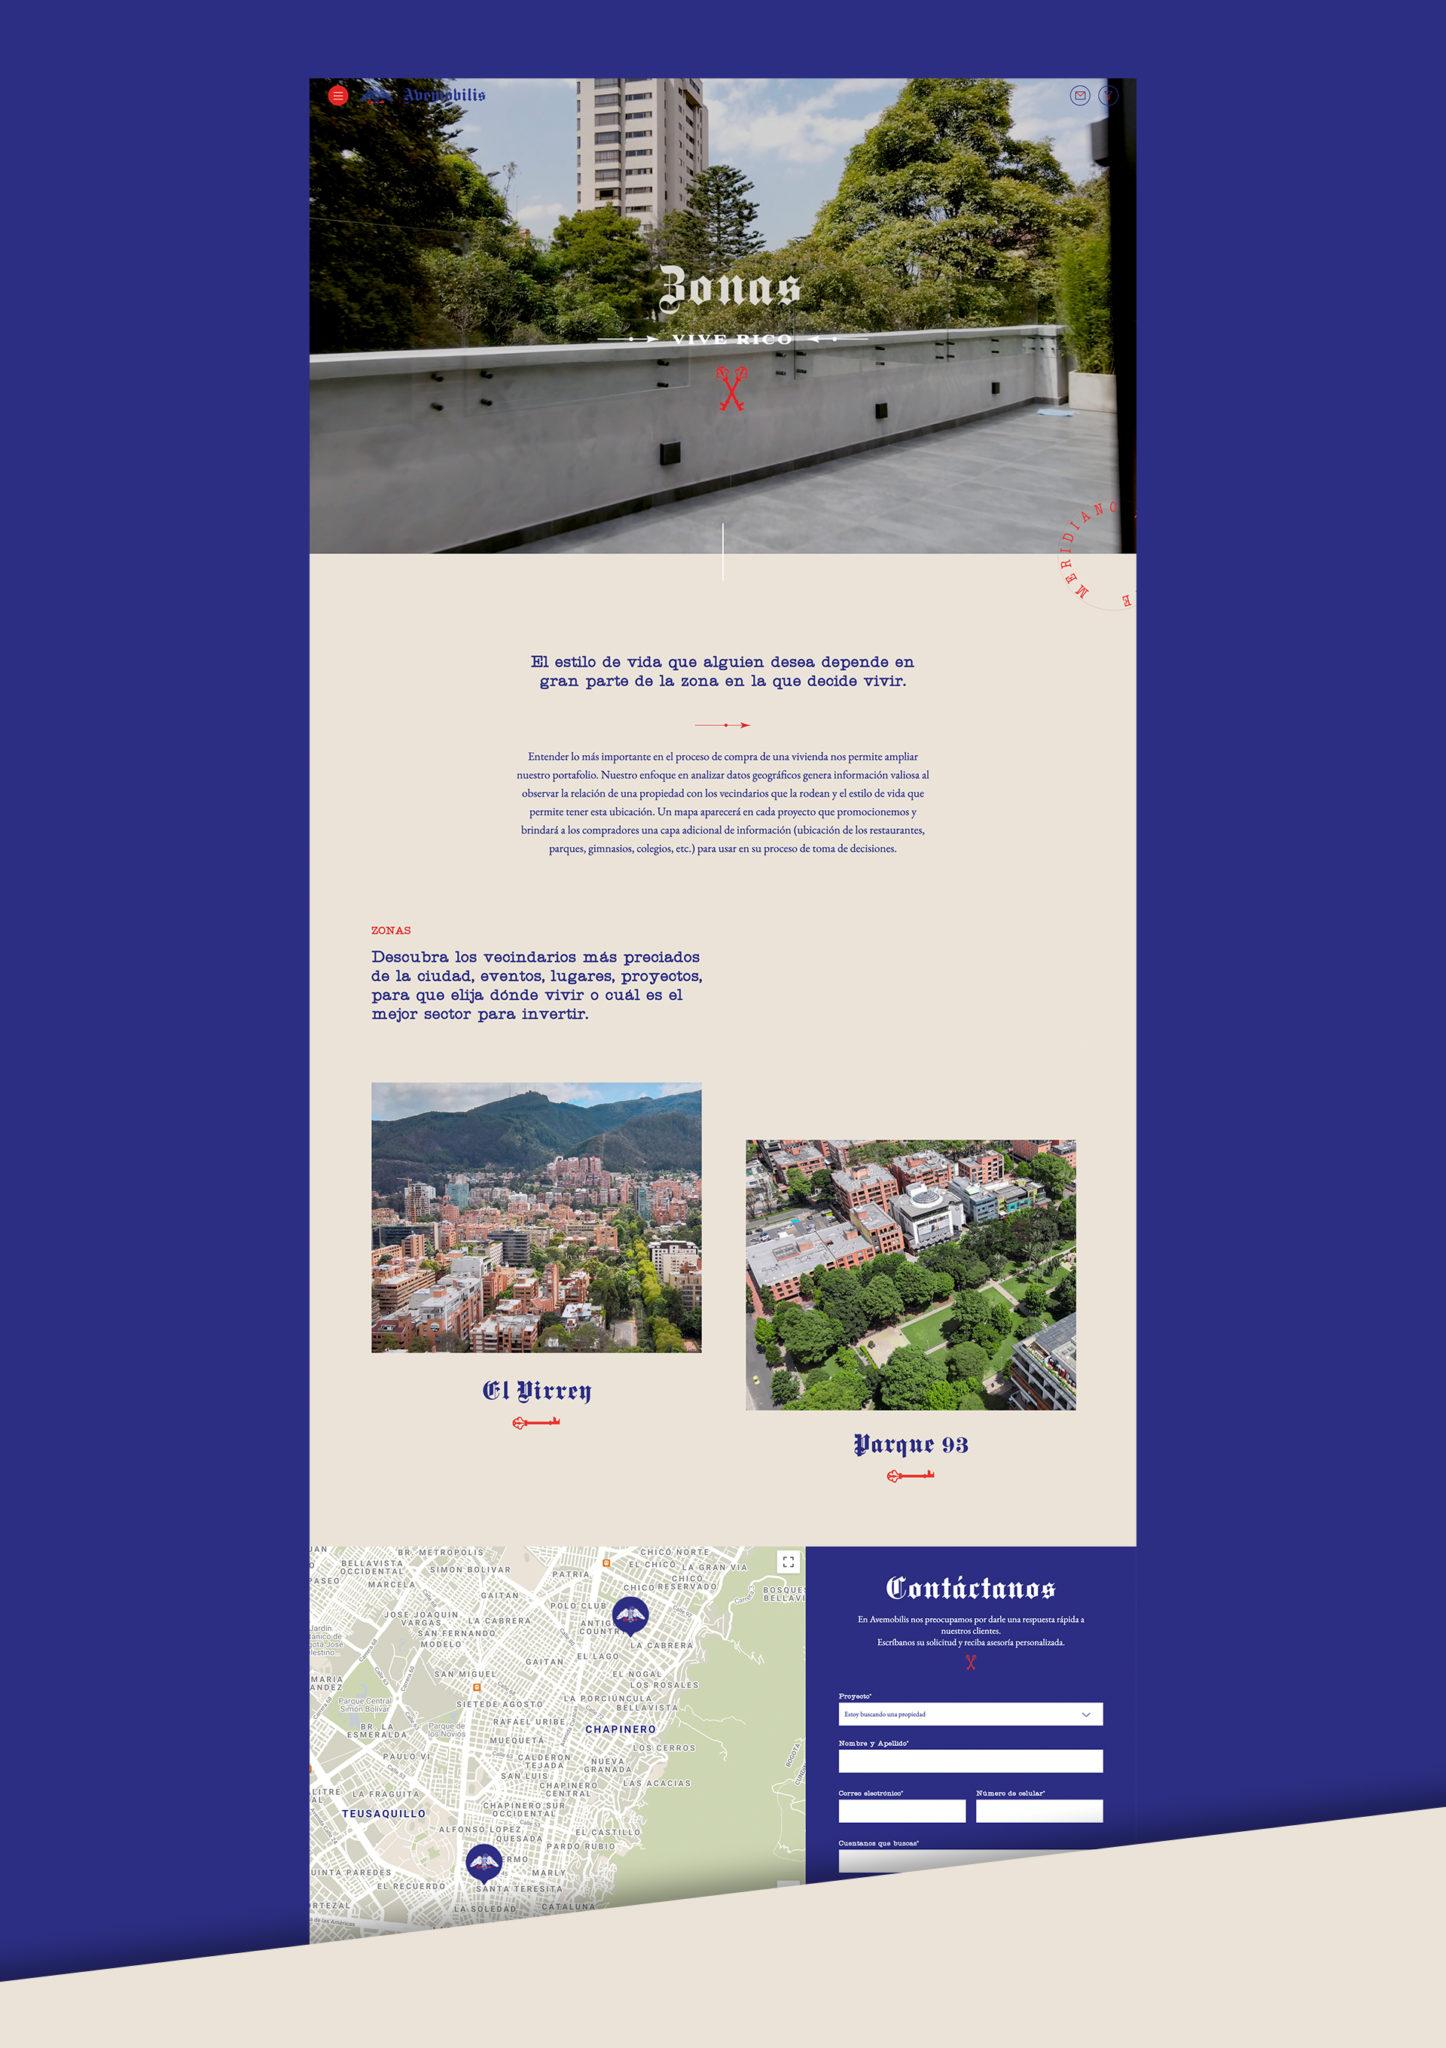 AVEMOBILIS-REALESTATE-APARTMENT-PARKWAY-PARK-93-BOGOTA